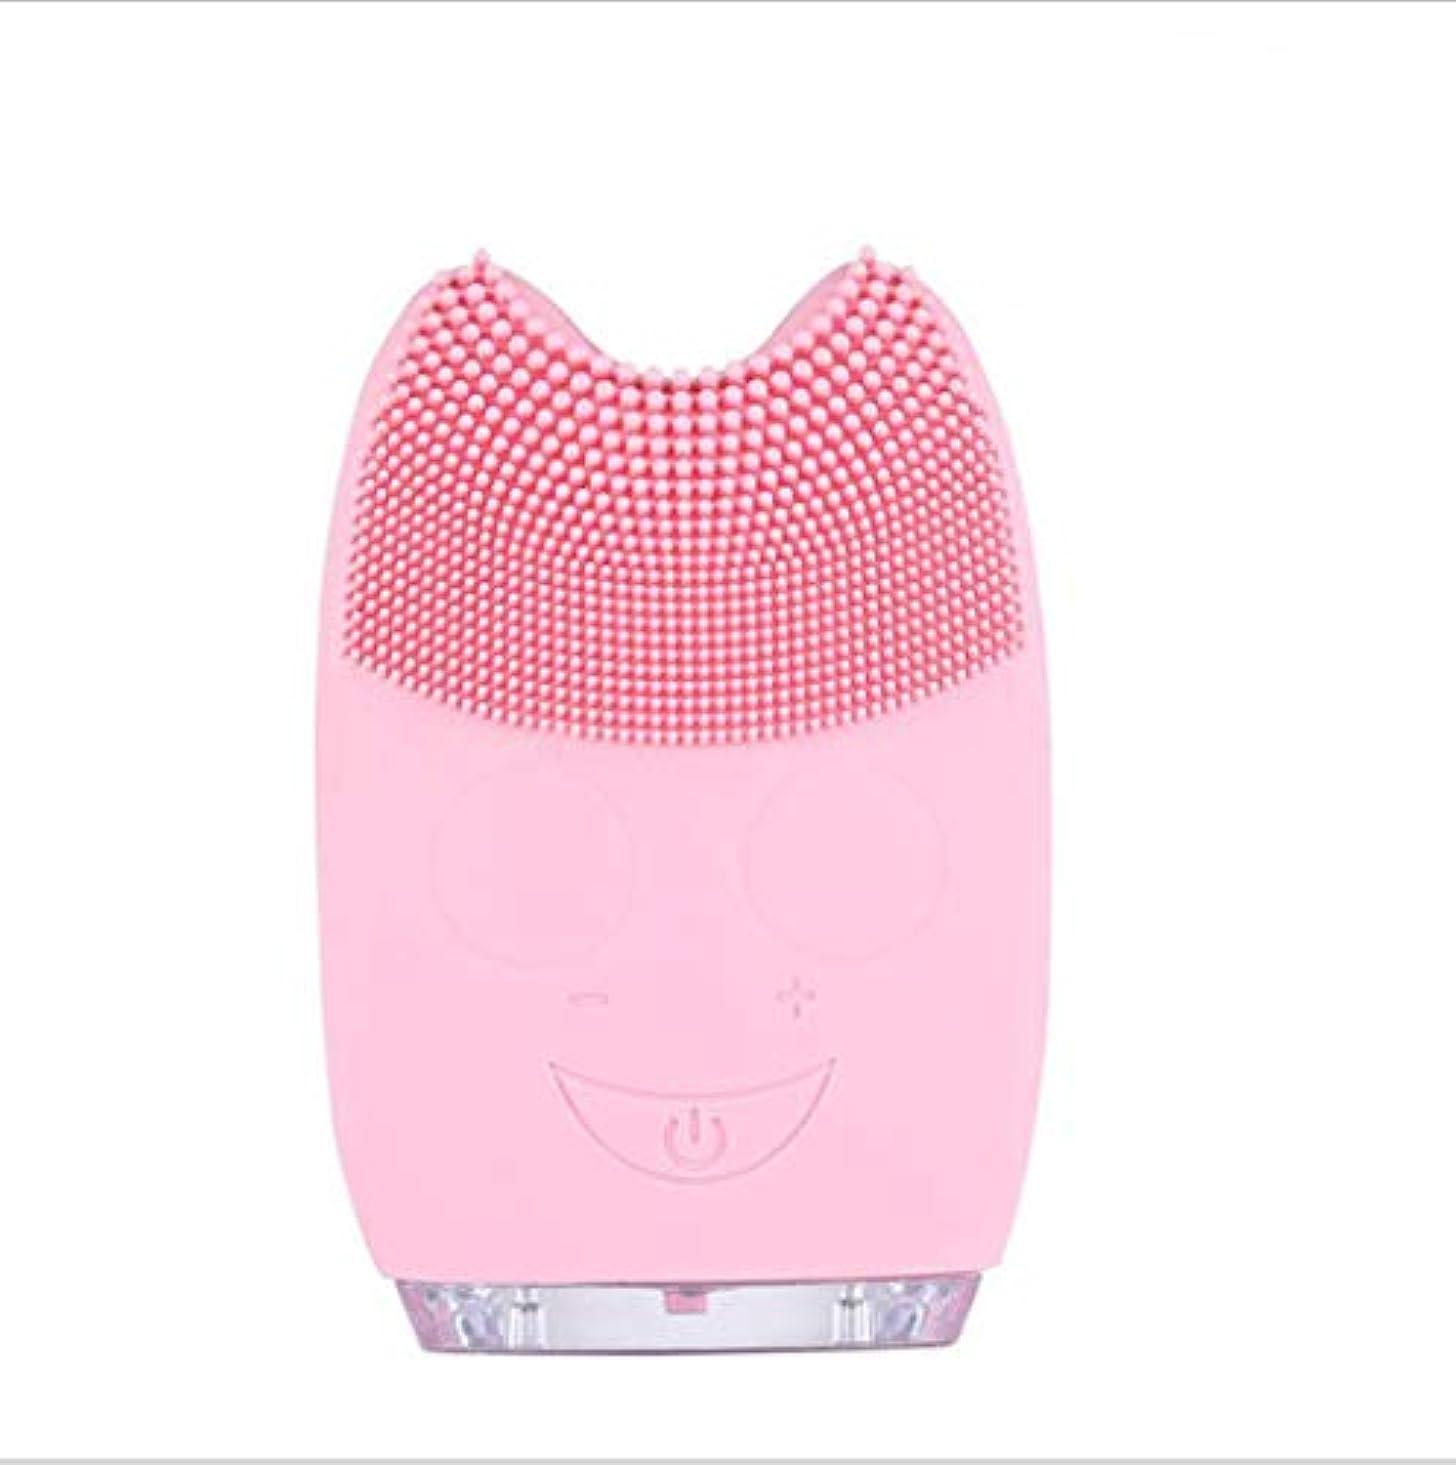 トマトビリーヤギ君主すべての肌のタイプに適した角質除去とアンチエイジング顔マッサージのためのシリコーン電気クレンジングブラシ,Pink